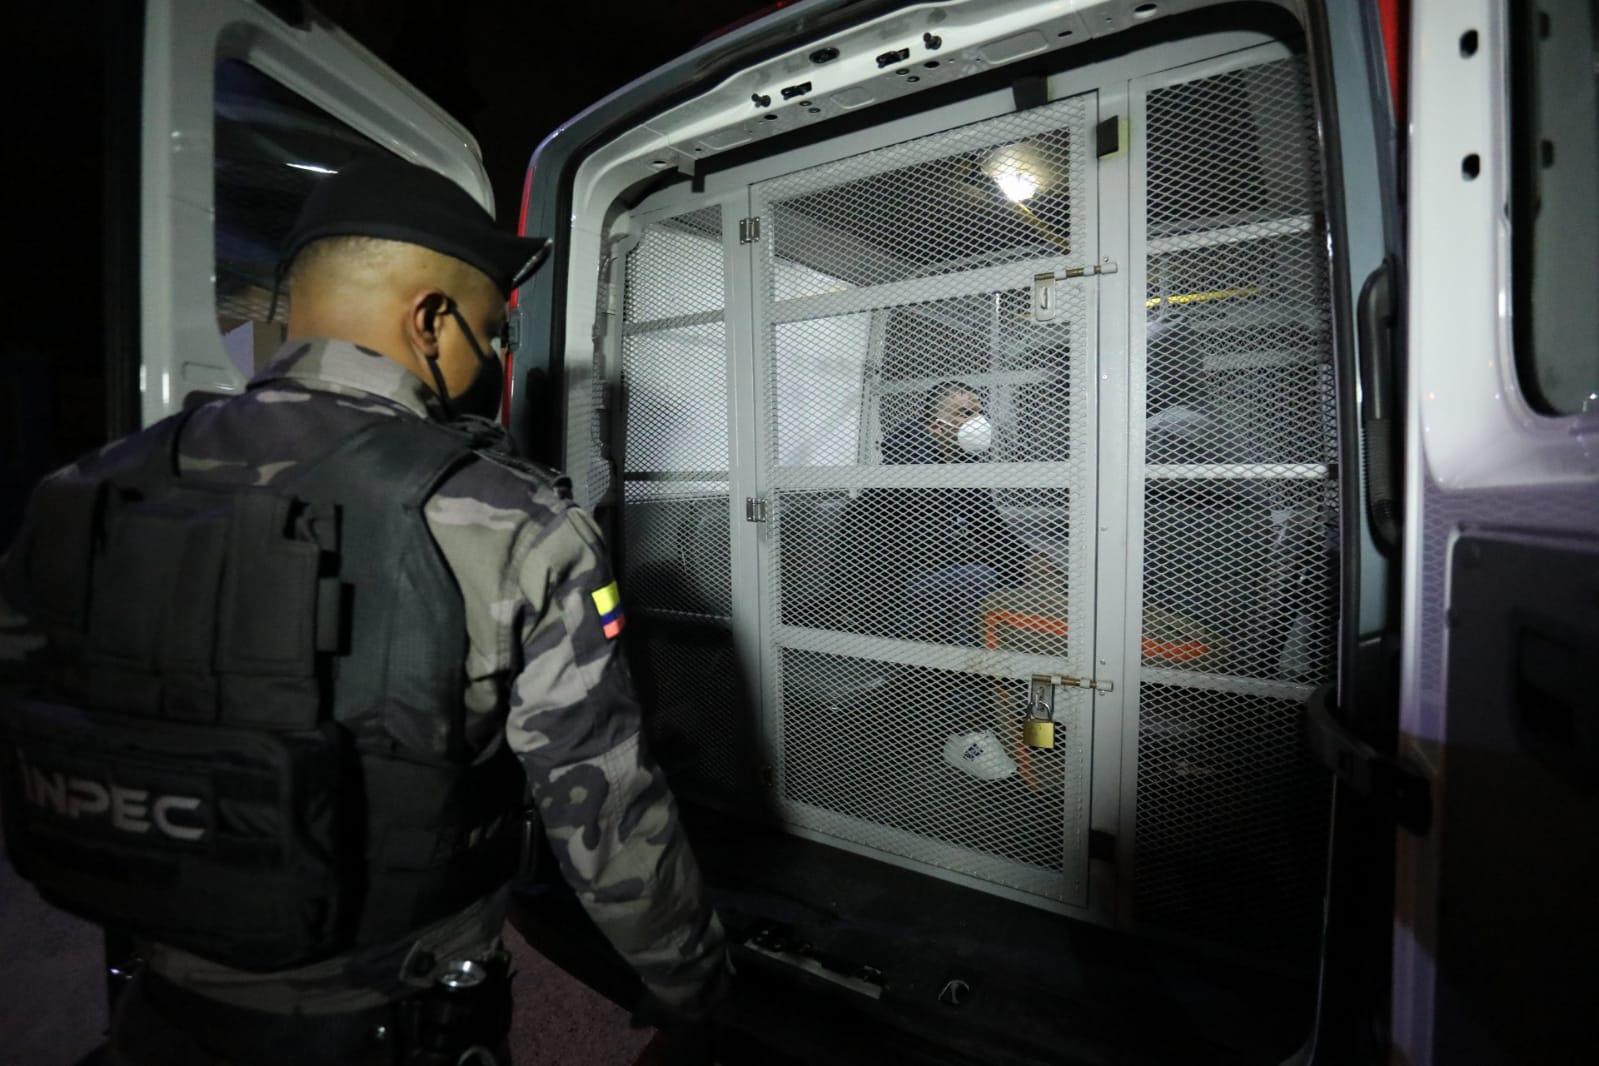 Colômbia extradita membros do ELN para os Estados Unidos